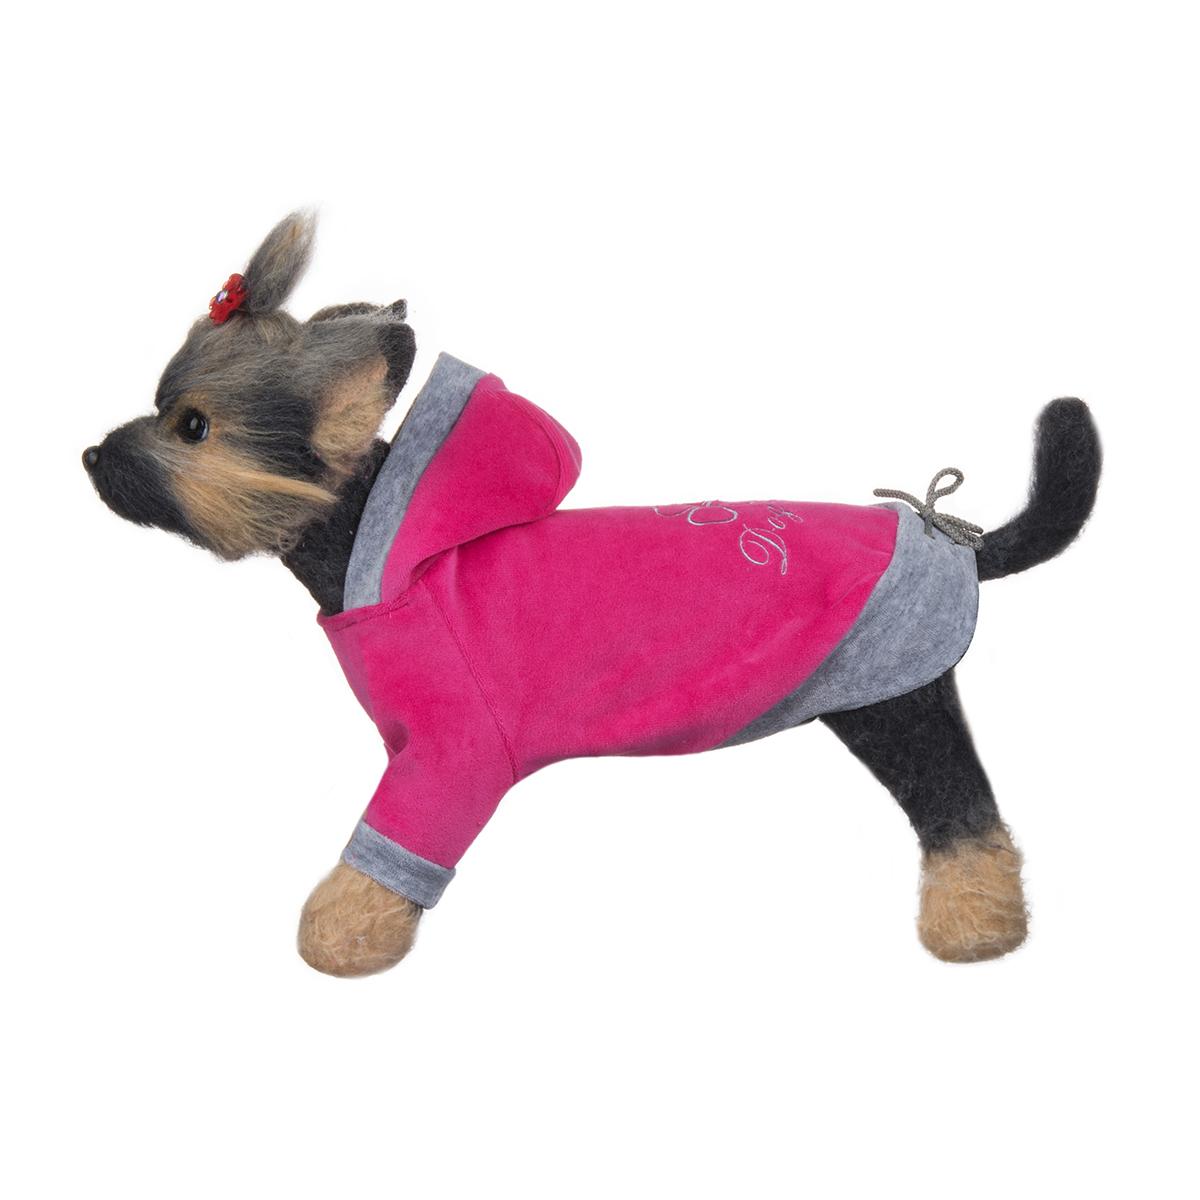 Куртка для собак Dogmoda Хоум, унисекс, цвет: розовый, серый. Размер 4 (XL)DM-150309-4Куртка для собак Dogmoda Хоум отлично подойдет для прогулок в сухую погоду или для дома.Куртка изготовлена из качественного мягкого велюра.Куртка с капюшоном достаточно широкая и не имеет застежек, ее легко надевать и снимать. Капюшон не отстегивается. Низ рукавов оснащен широкими стильными манжетами. Спинка украшена серебристой вышивкой в виде клевера и надписи Dogmoda. На пояснице куртка затягивается на шнурок-кулиску.Благодаря такой куртке вашему питомцу будет комфортно наслаждаться прогулкой или играми дома.Одежда для собак: нужна ли она и как её выбрать. Статья OZON Гид